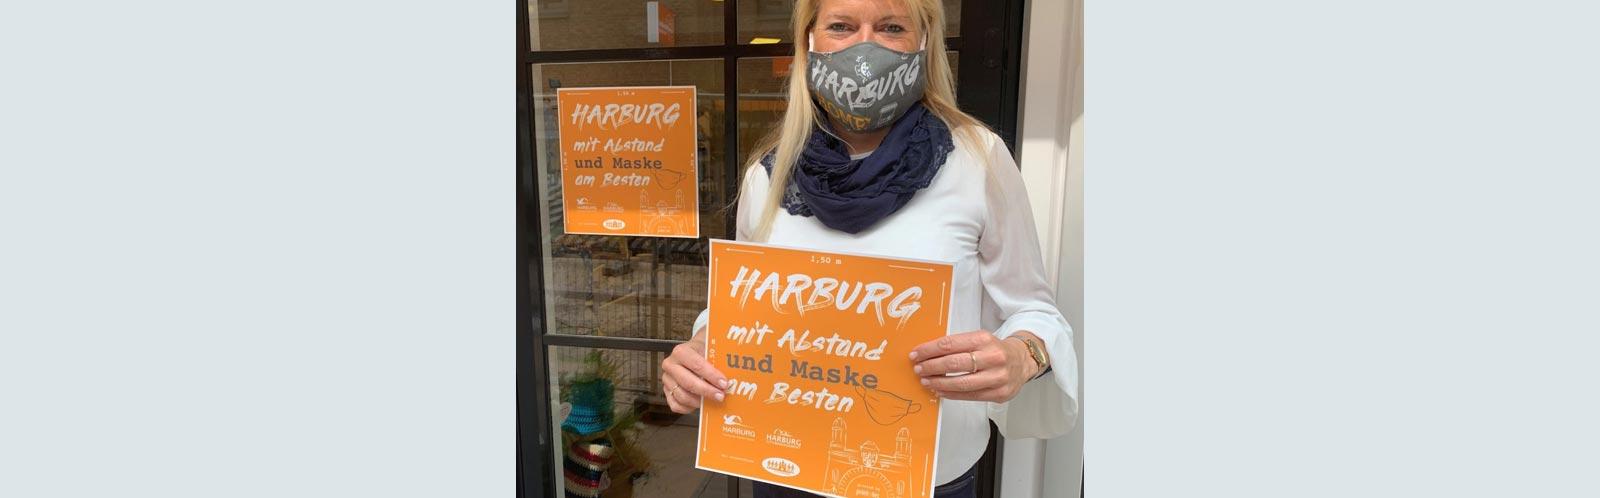 Aufkleber für Harburger Einzelhändler 1